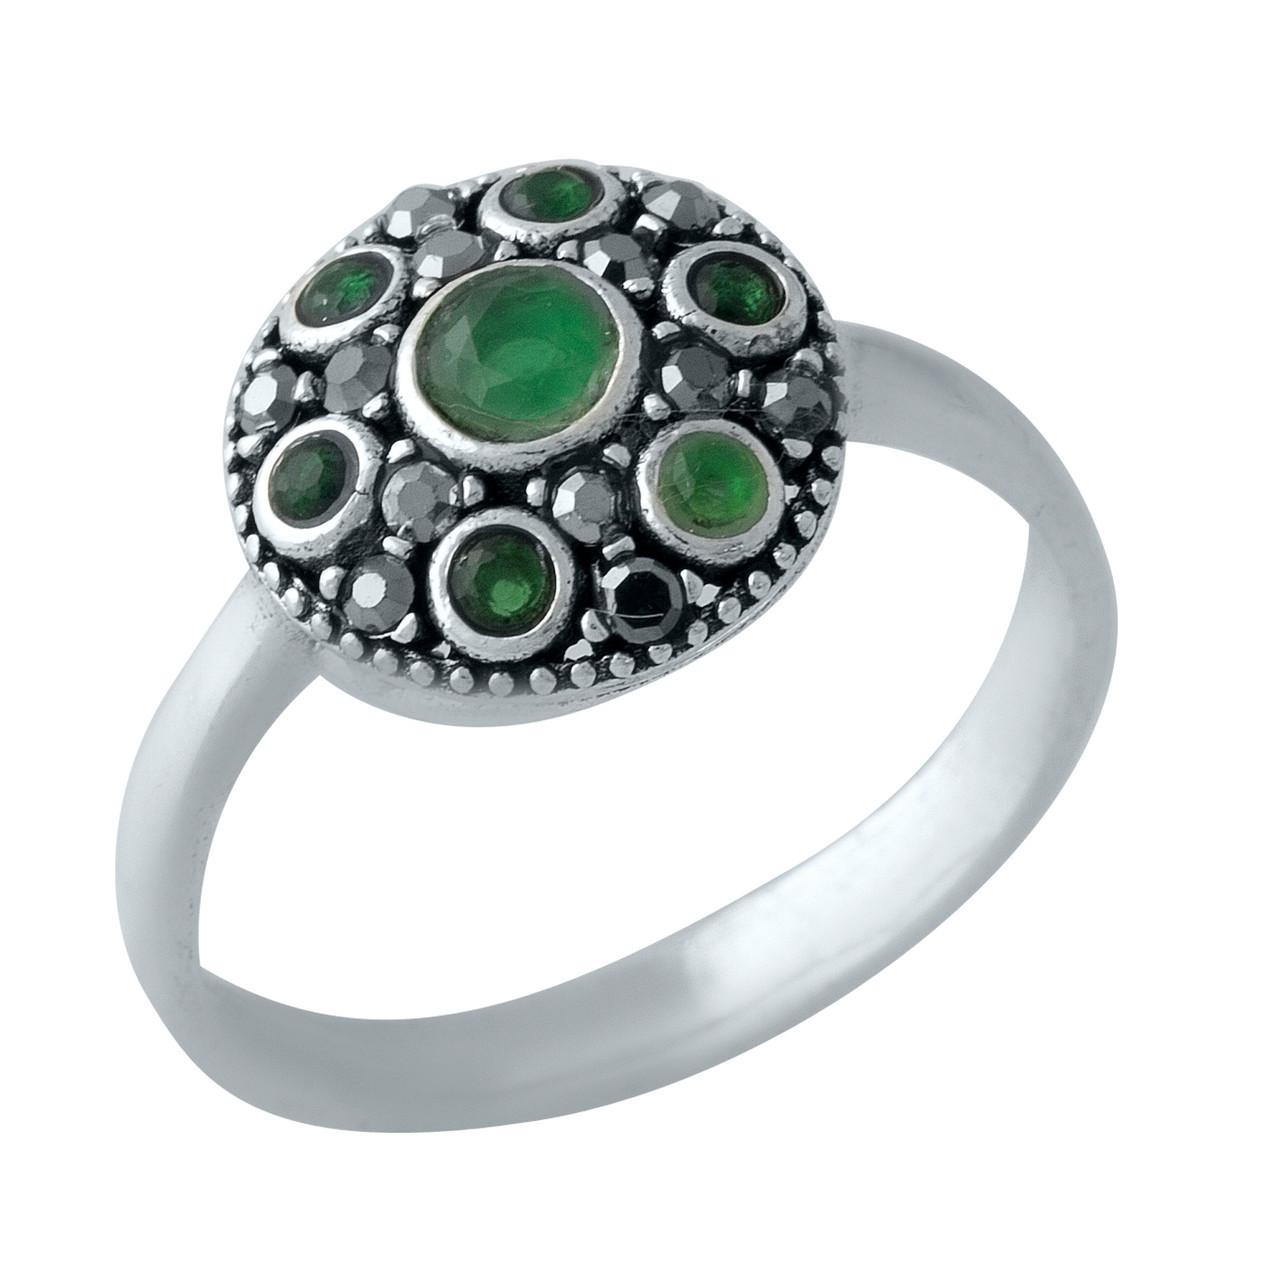 Родированное серебряное кольцо 925 пробы с натуральными марказитами, изумрудом nano